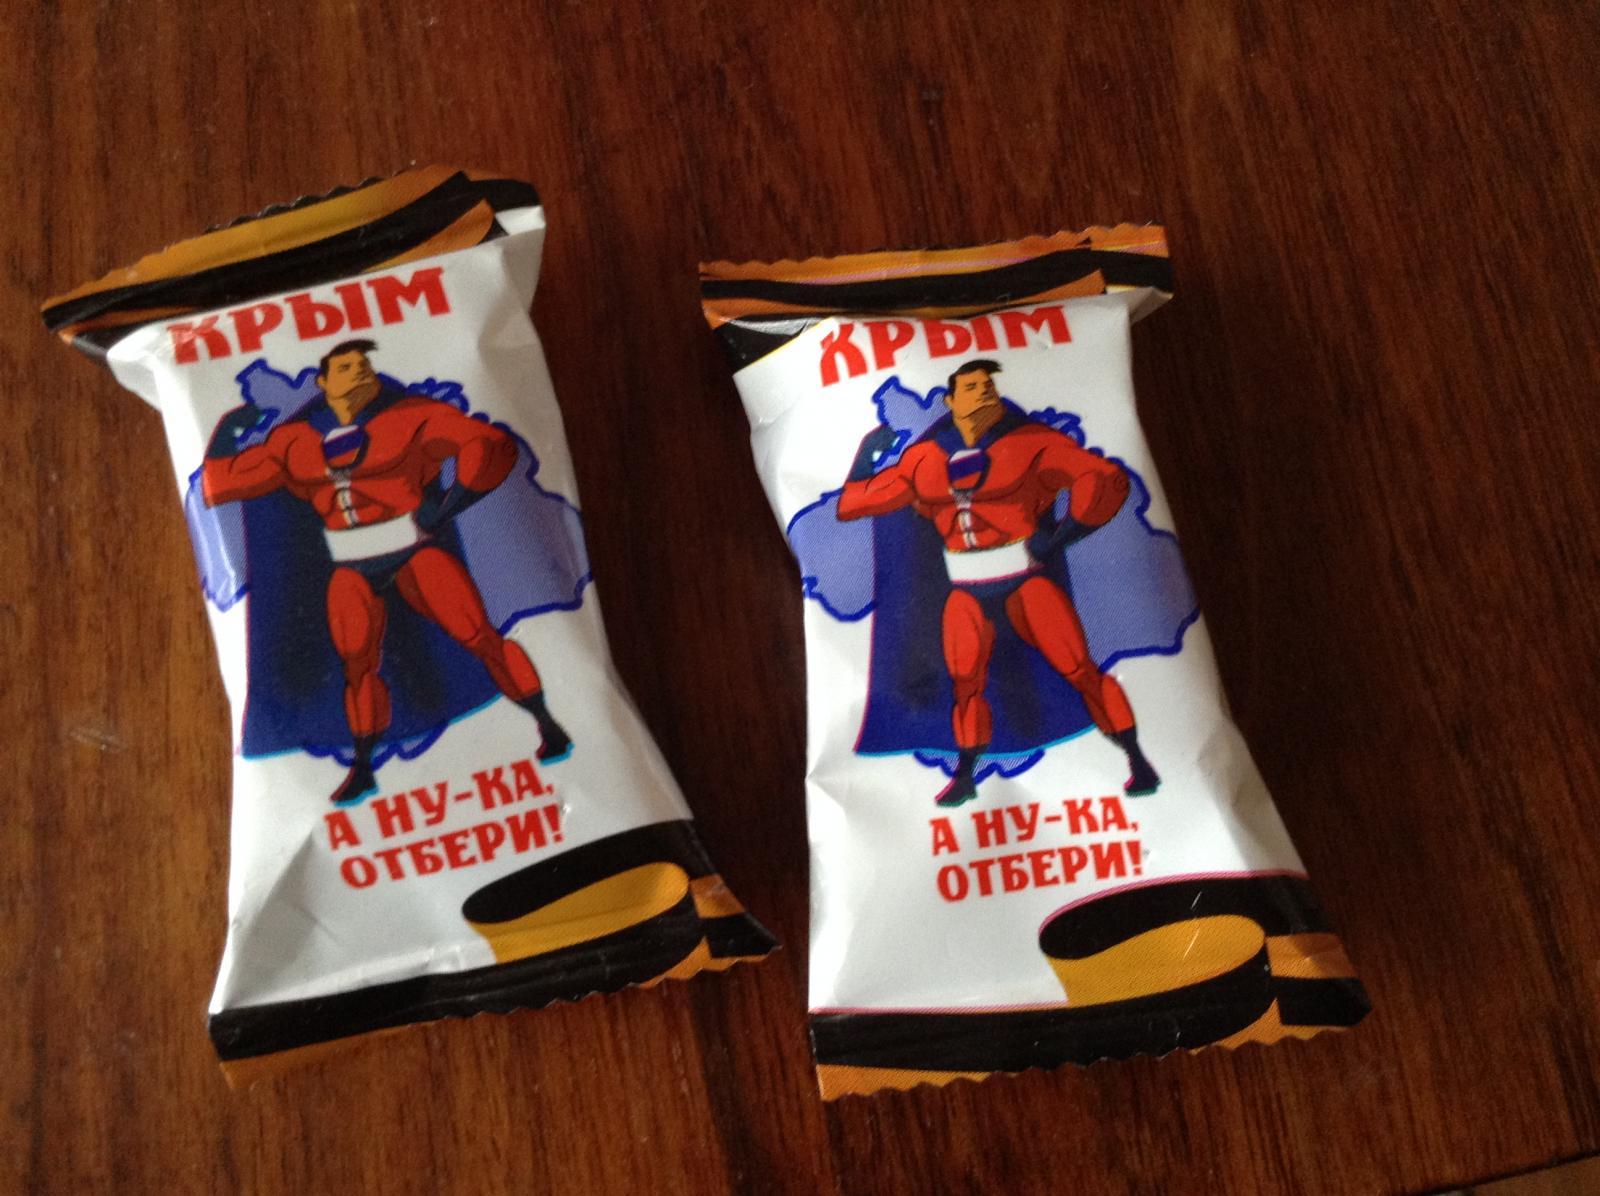 Почему сняли с производства конфеты ну-ка отними